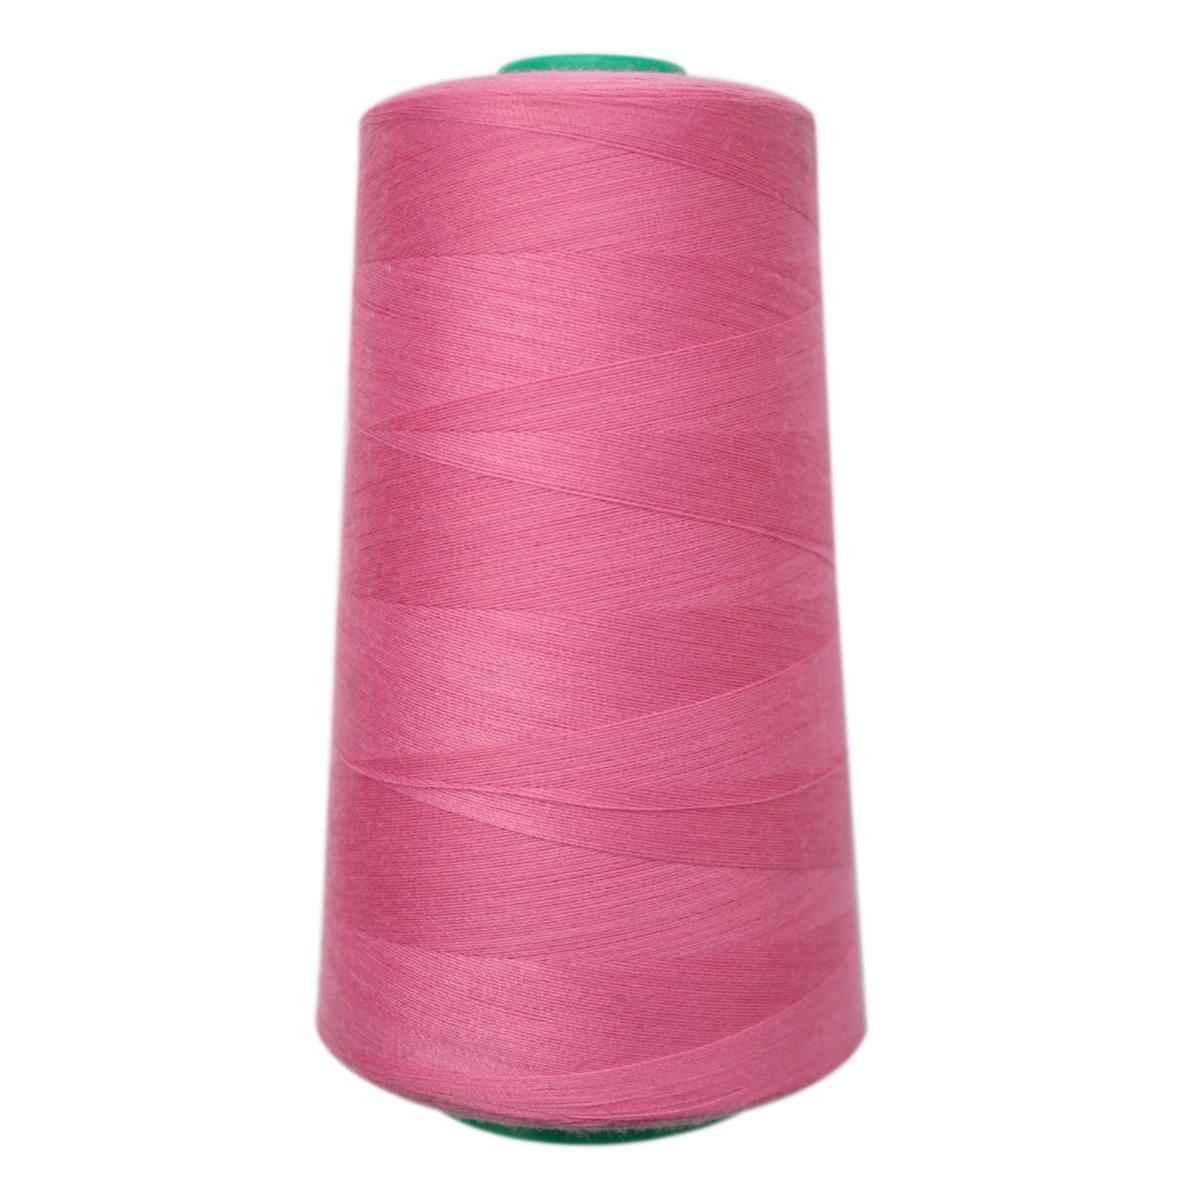 Нитки для шитья Bestex 50/2, 5000 ярд, цвет: св.фуксия (042)7700936-042Сфера использования: трикотаж; ткани малого веса; оверлочные швы; отделка краев; вышивка. Размер игл №70-80